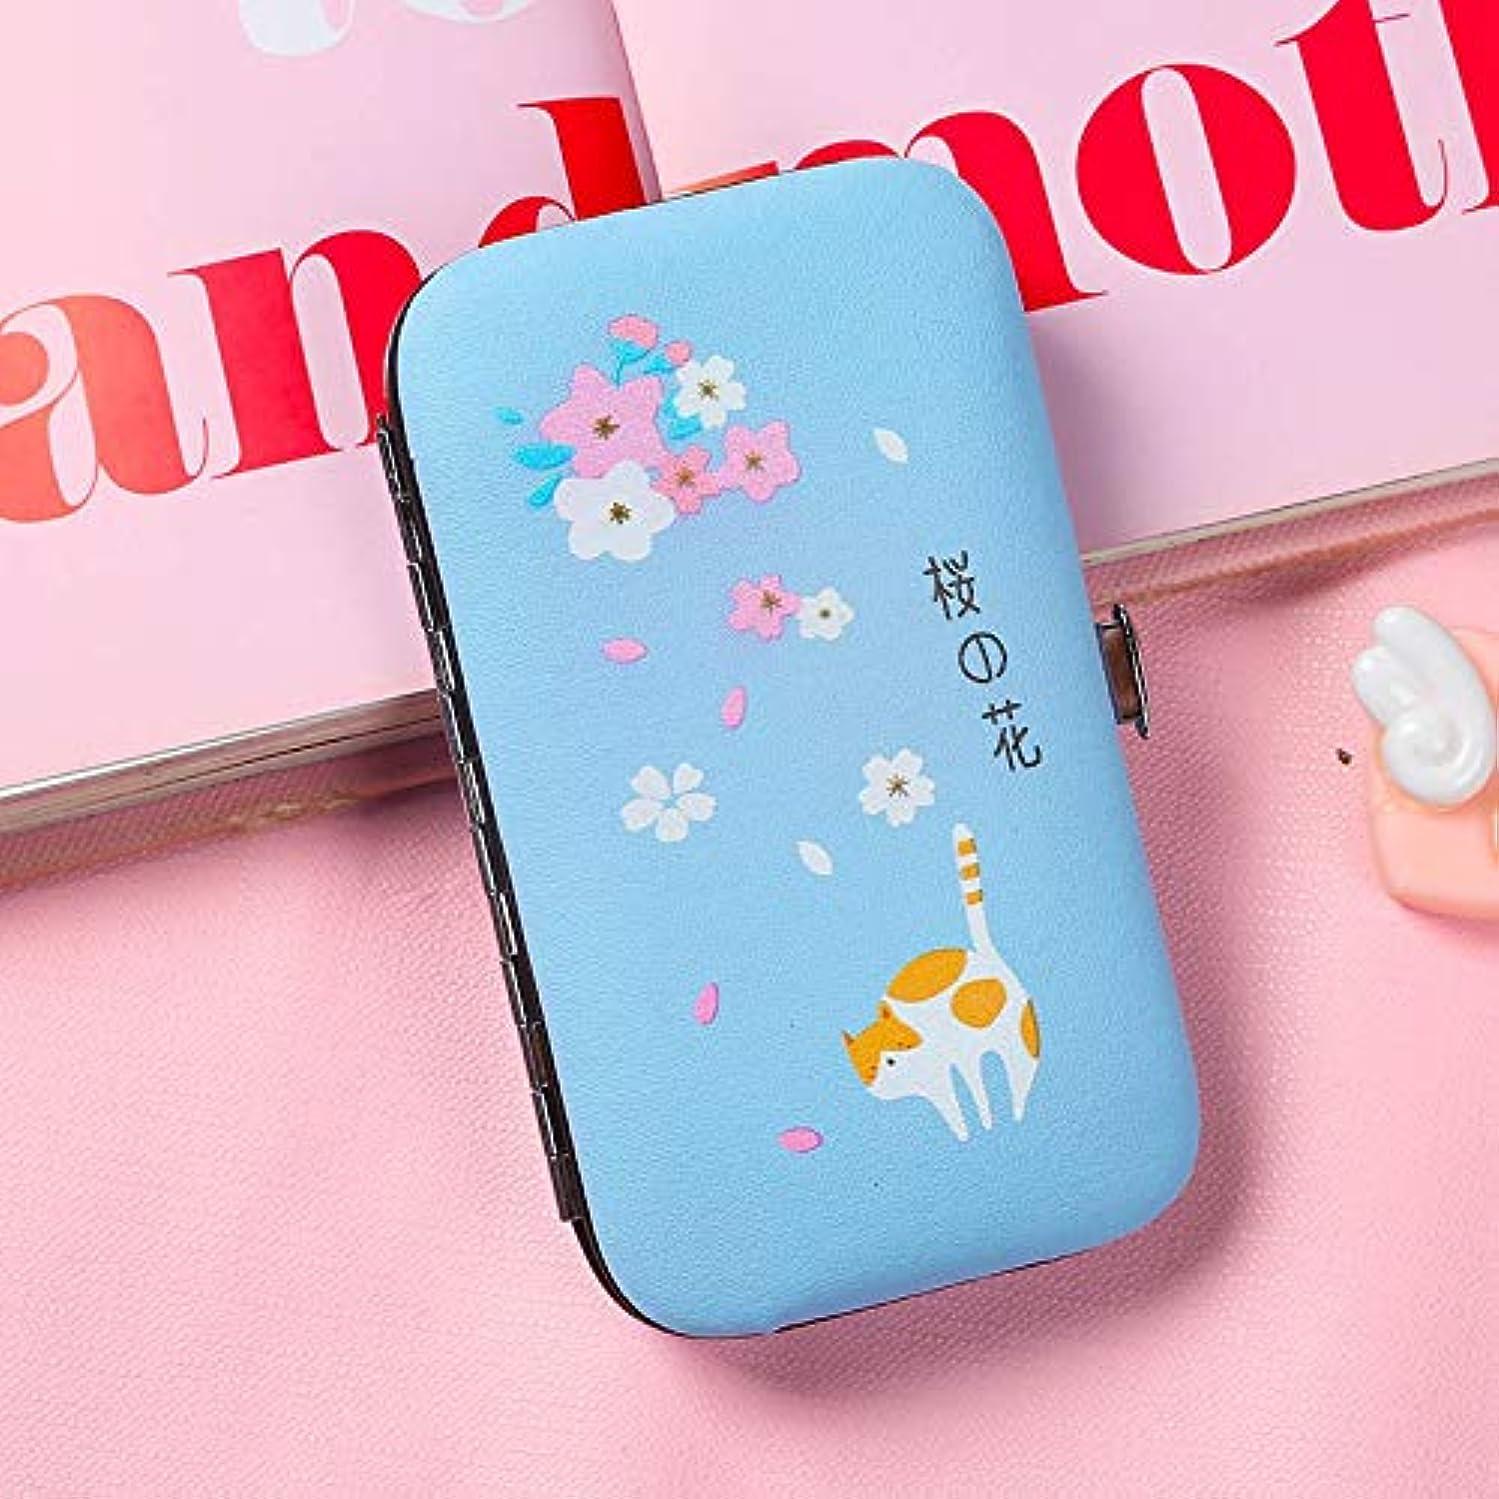 負担海外舌な新鮮な爪の創造的な小さなはさみ6ピースセット大人の学生のための爪ツール女の子のためのピンクの爪カッター